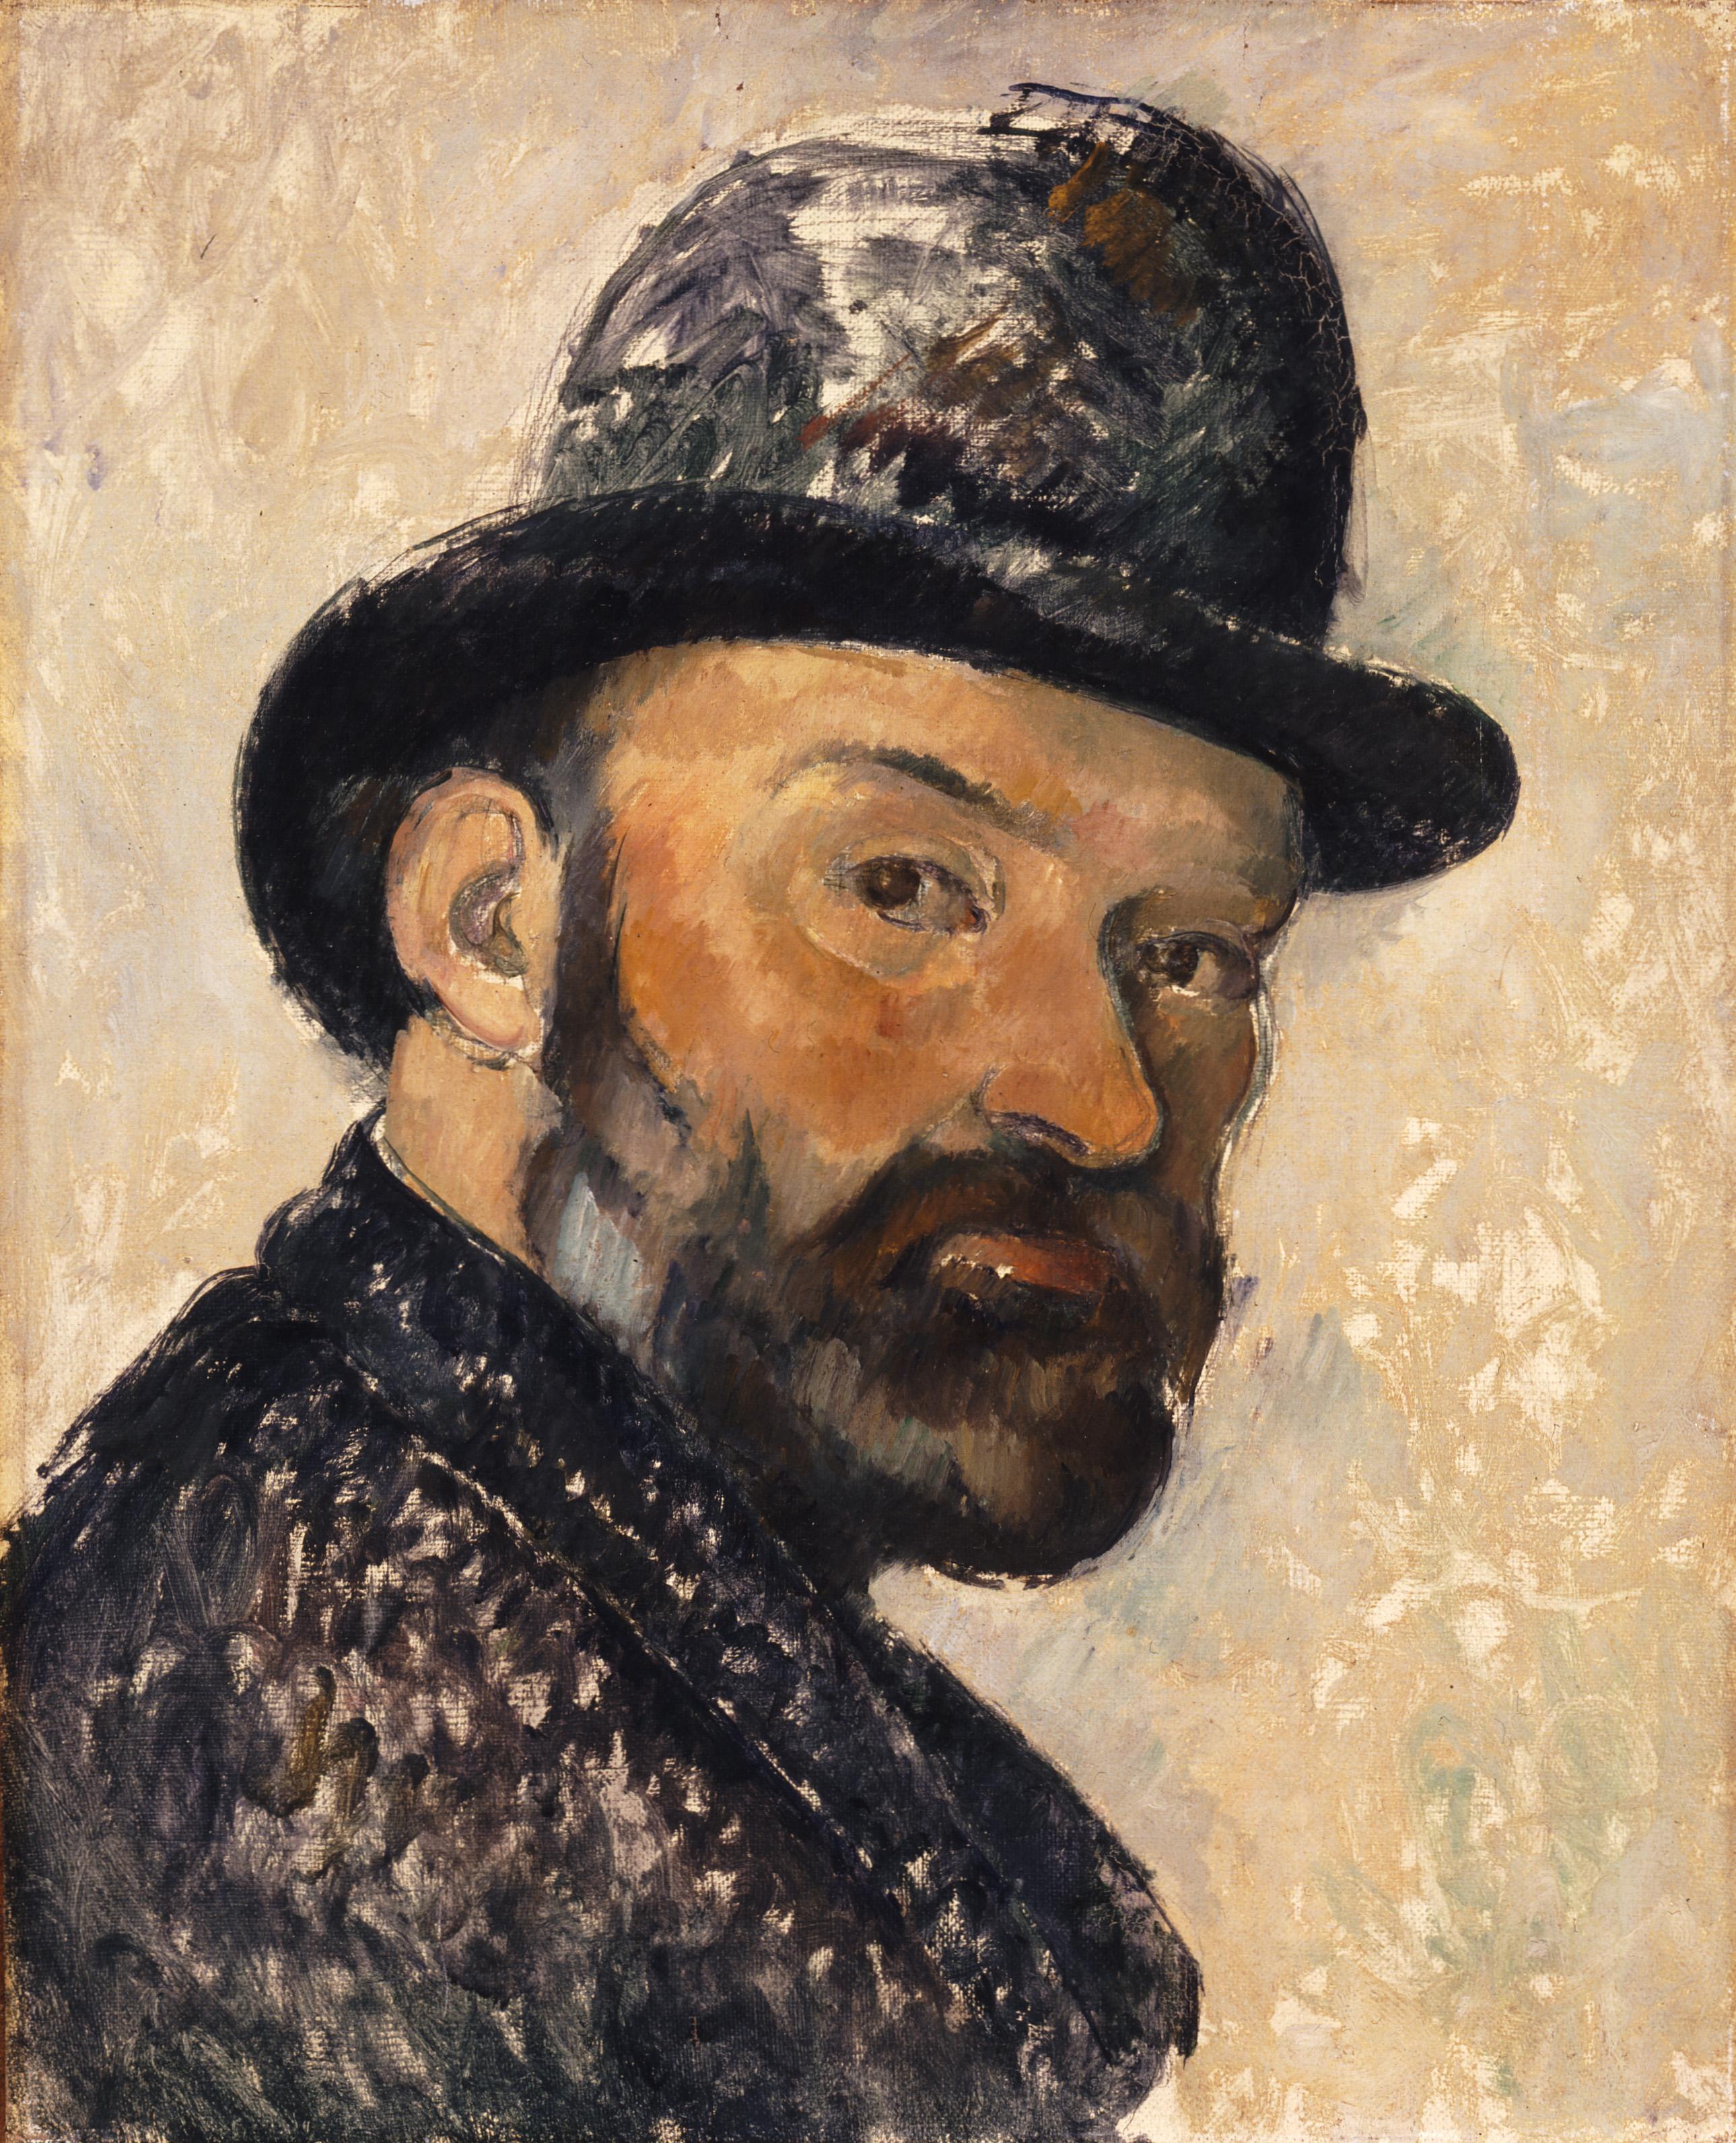 Купить билеты в кино на Сезанн: Портреты жизни Cézanne – Portraits of a Life | расписание сеансов, трейлер, обзор фильма, отзывы — ParkSeason